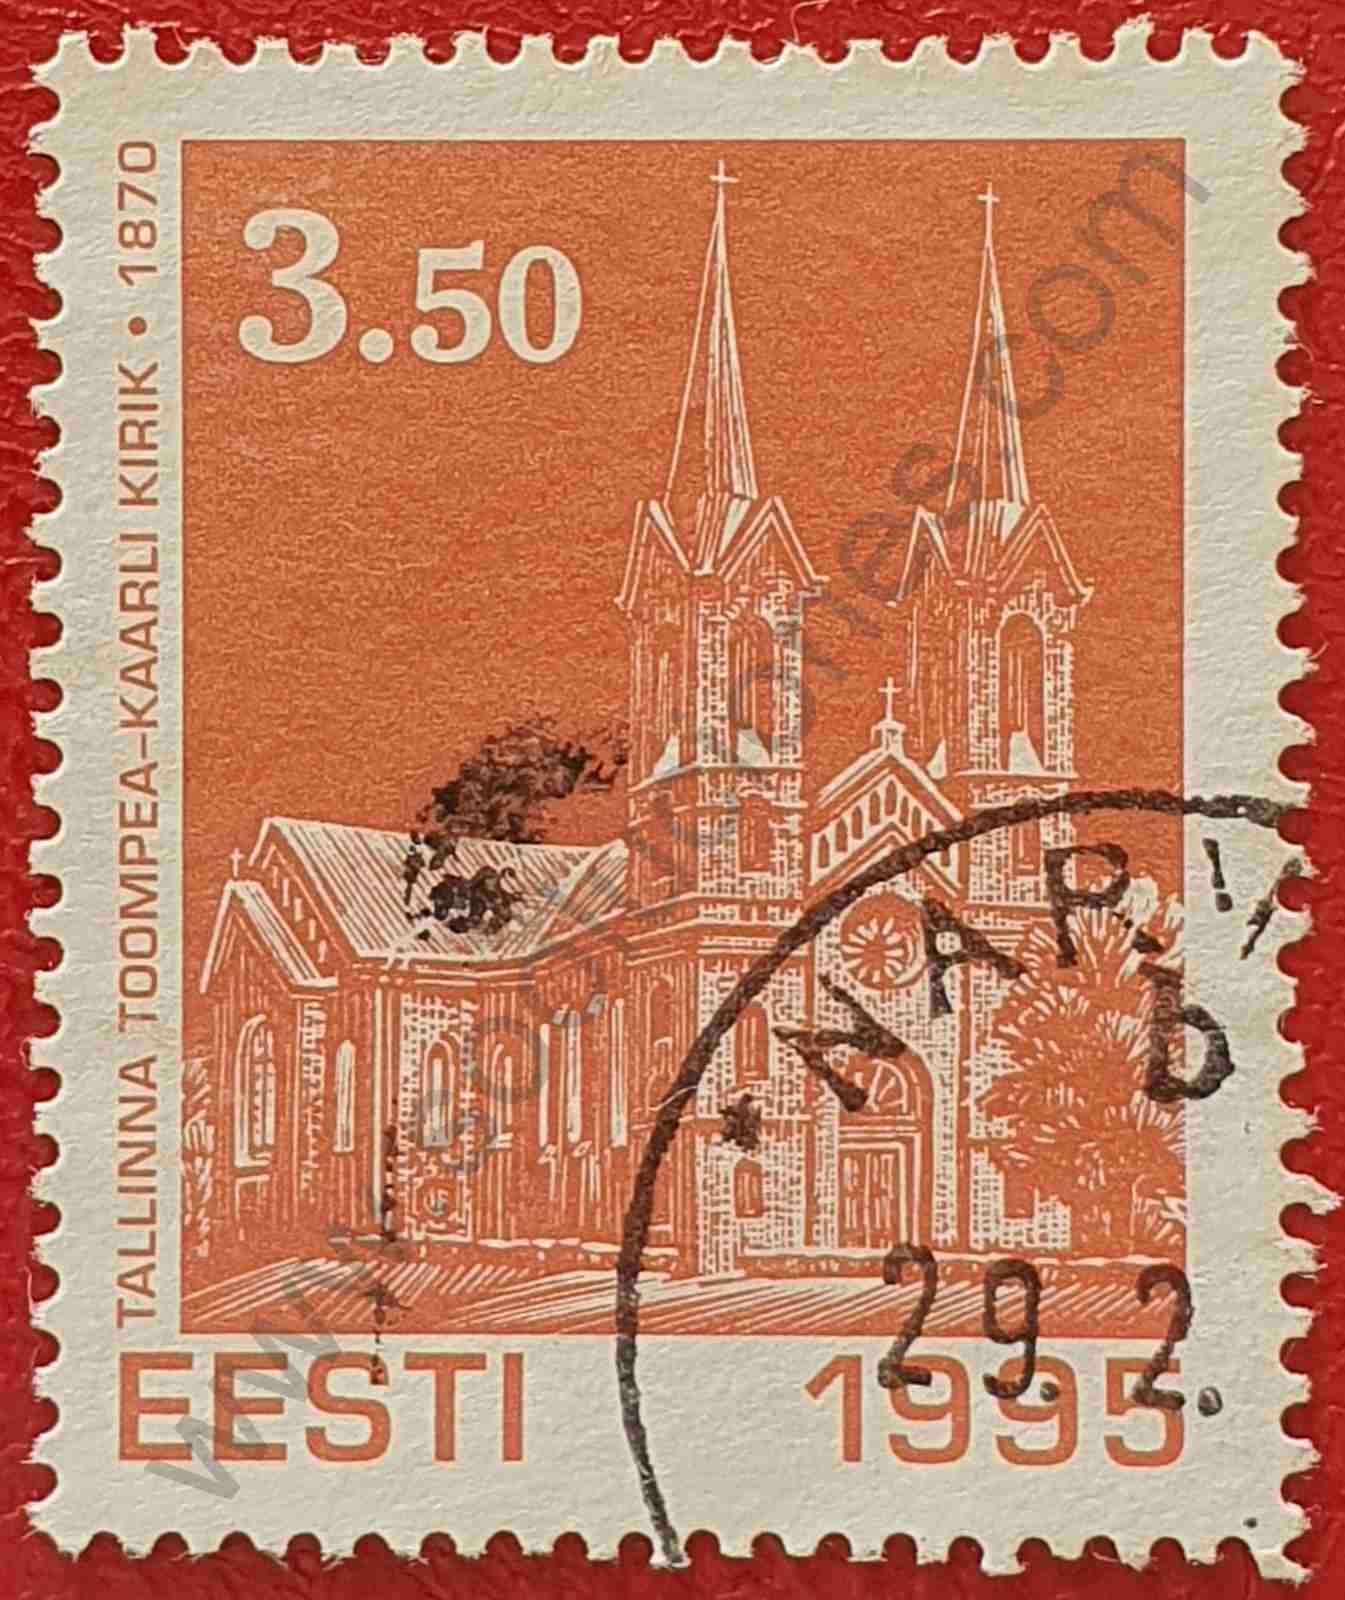 Iglesia San Carlos - Sello de Estonia 1995